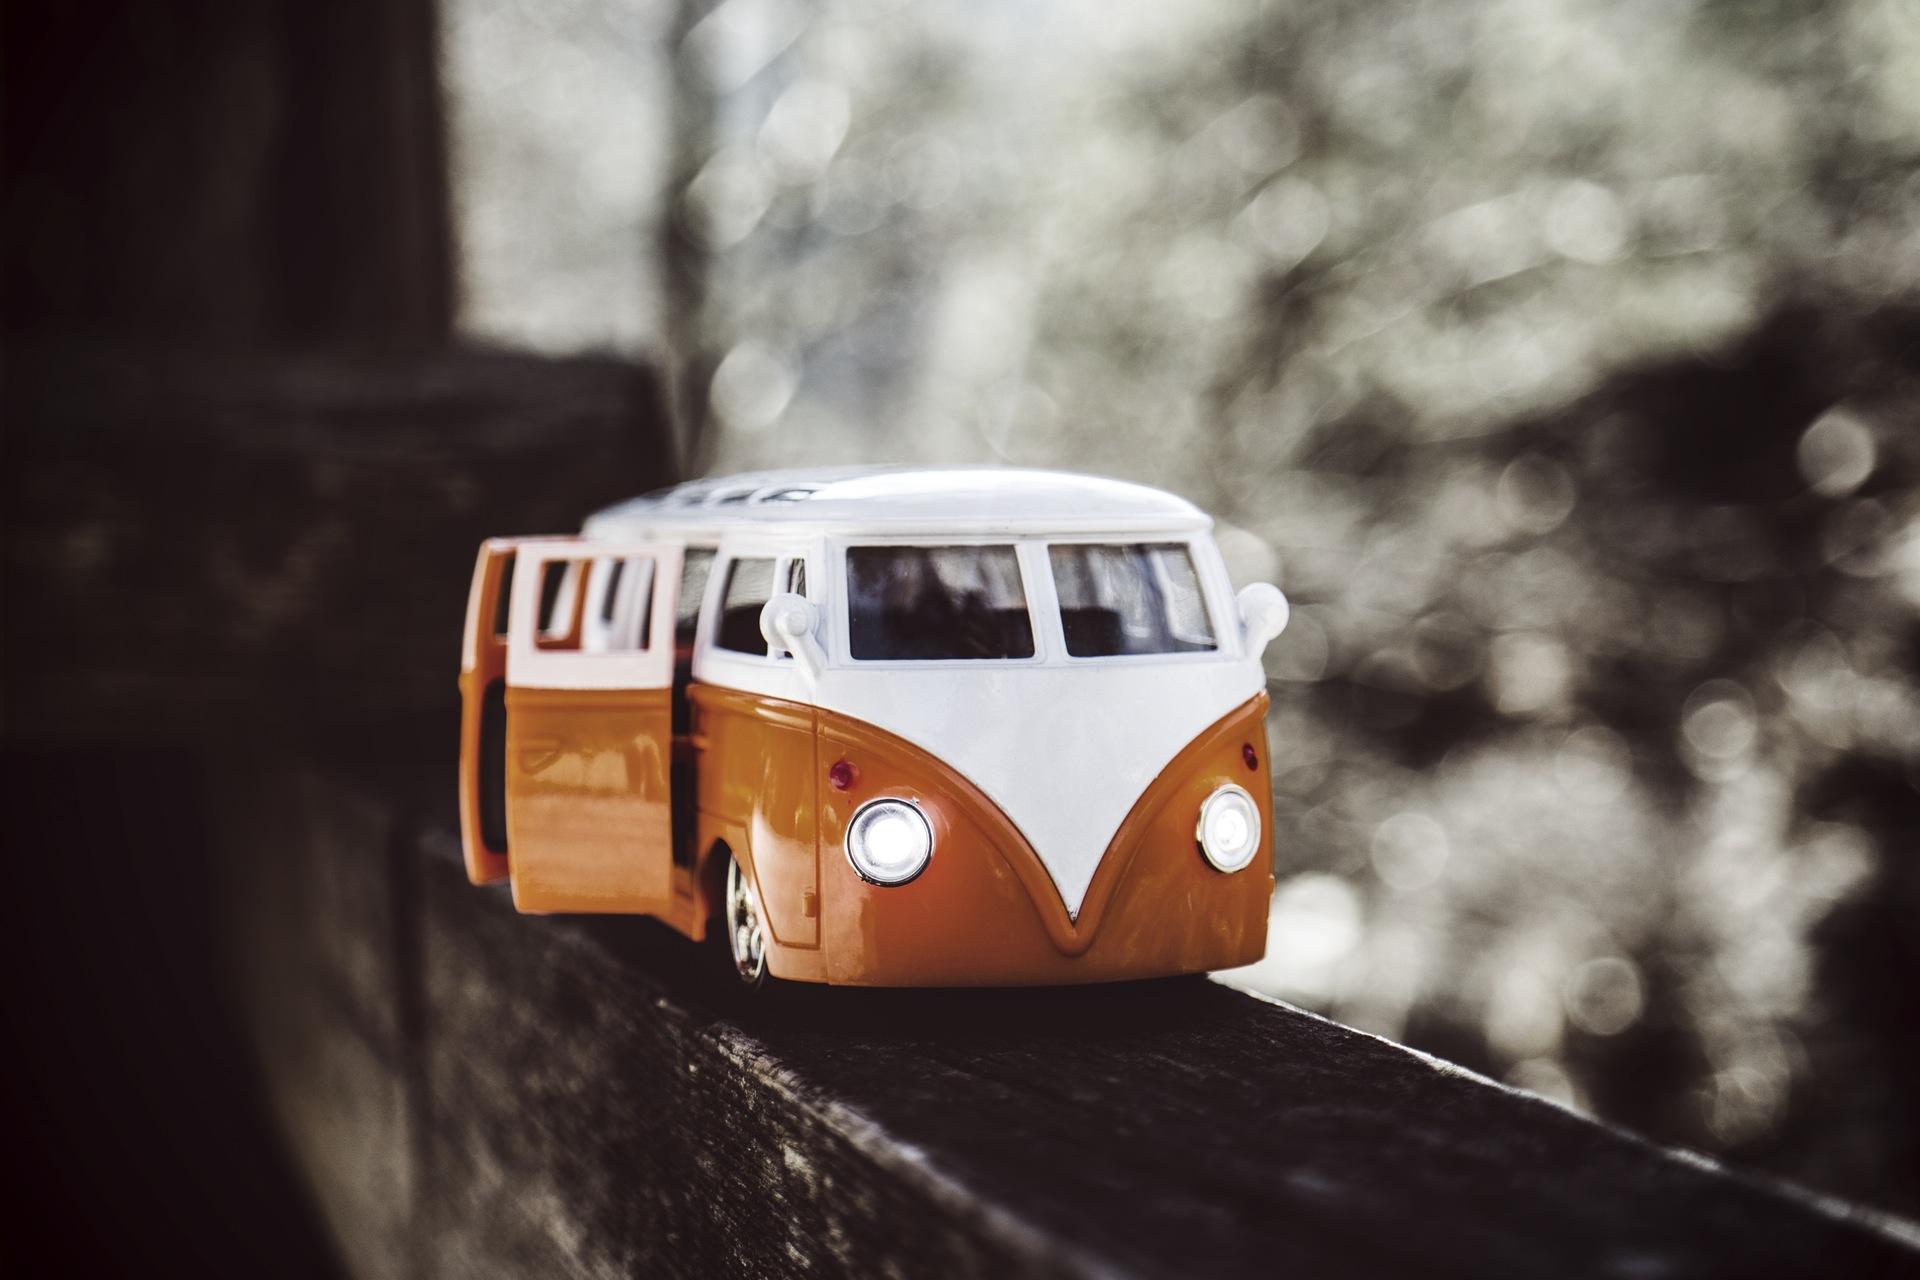 Van, veicolo, Giocattolo, hippy, amore, pace, Volkswagen - Sfondi HD - Professor-falken.com